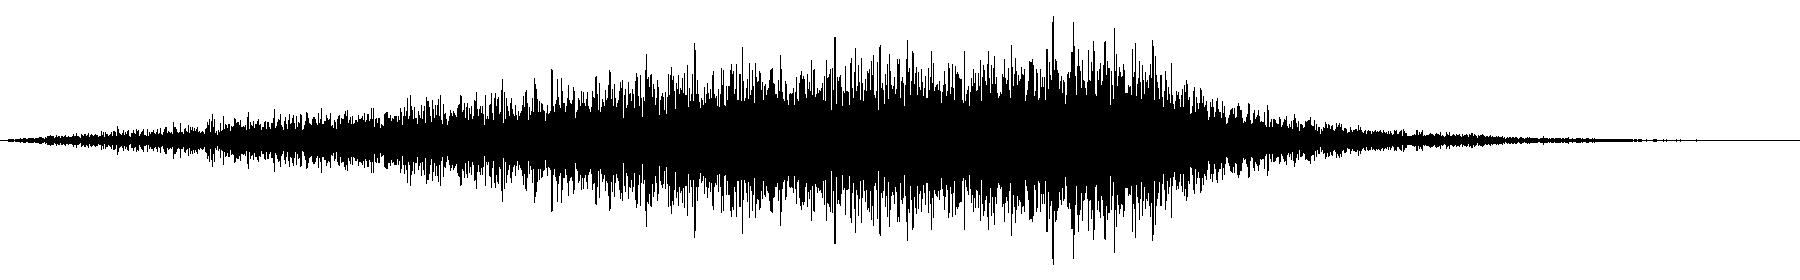 veh2 synths   132 c